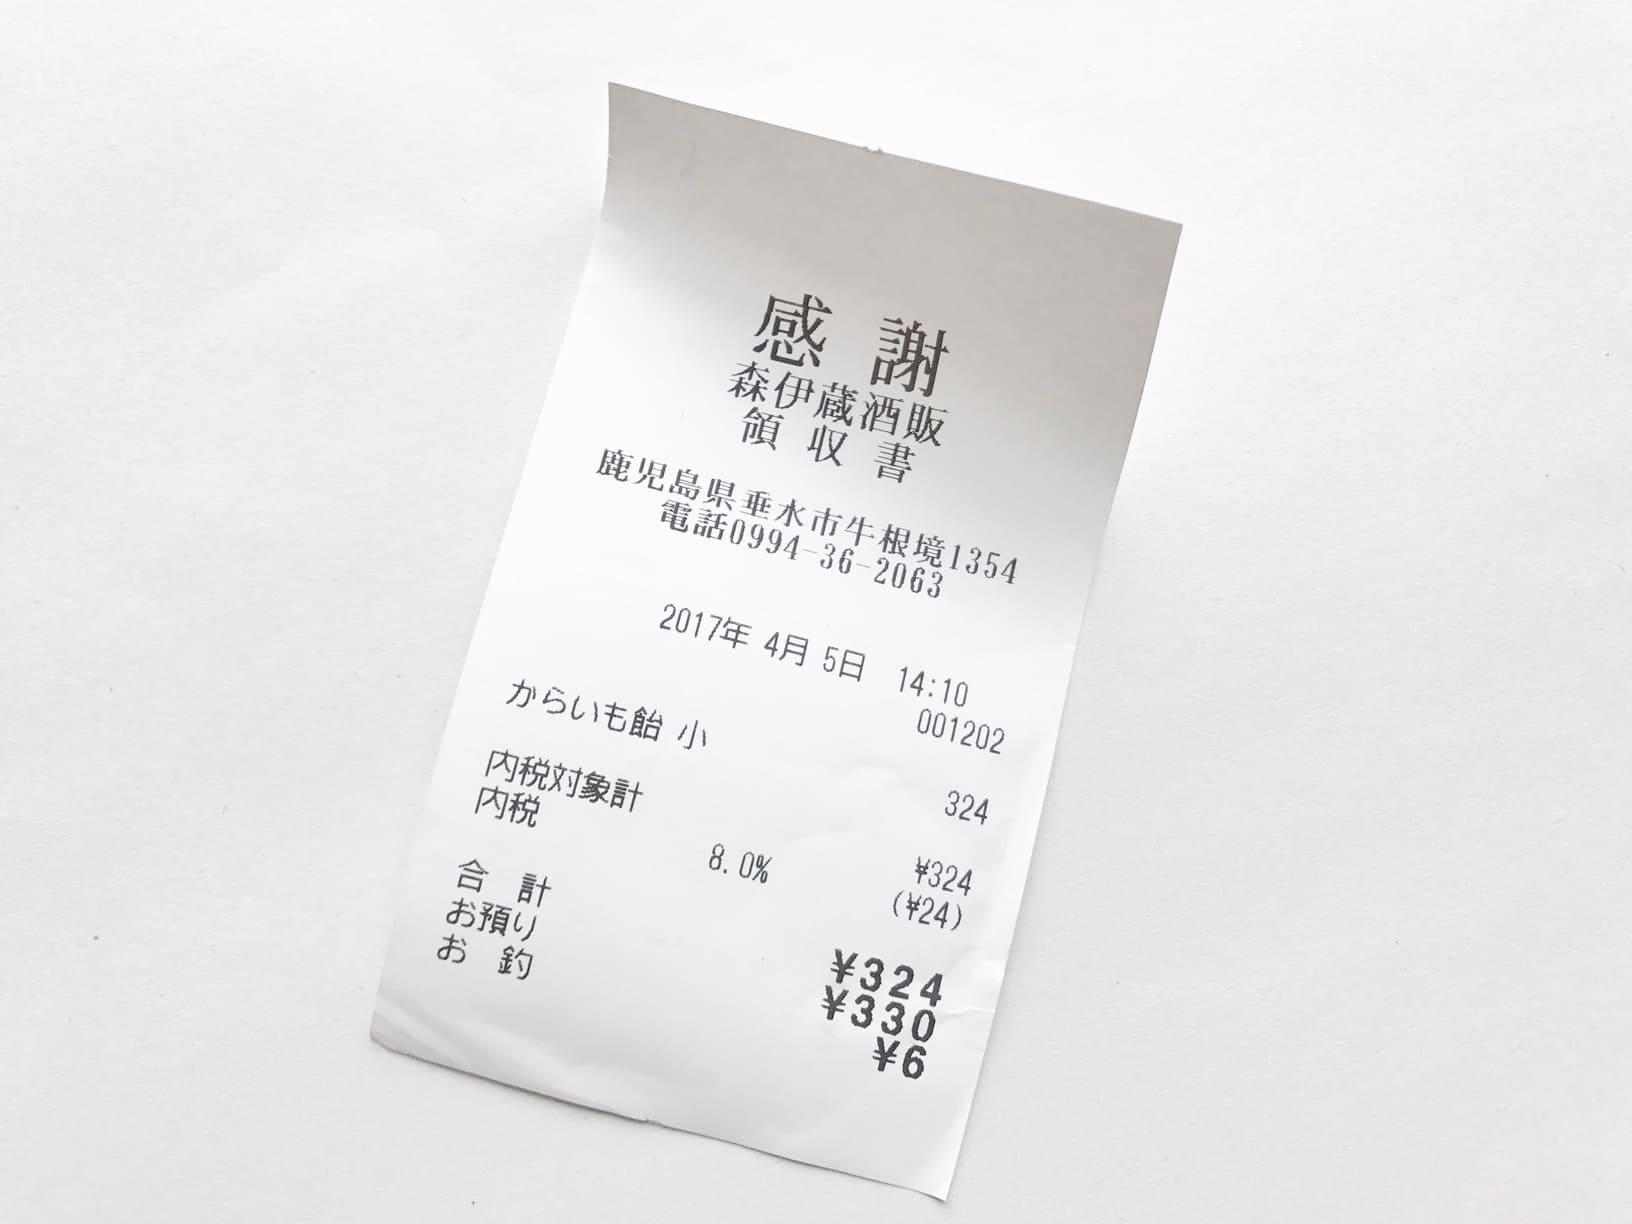 森伊蔵,焼酎,飴,抽選,3M,魔王,村尾,焼酎島